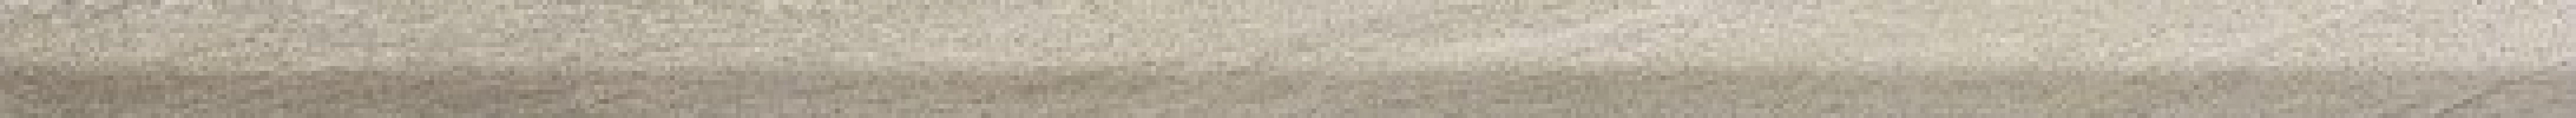 Brave Pearl Spigolo 0,8x20